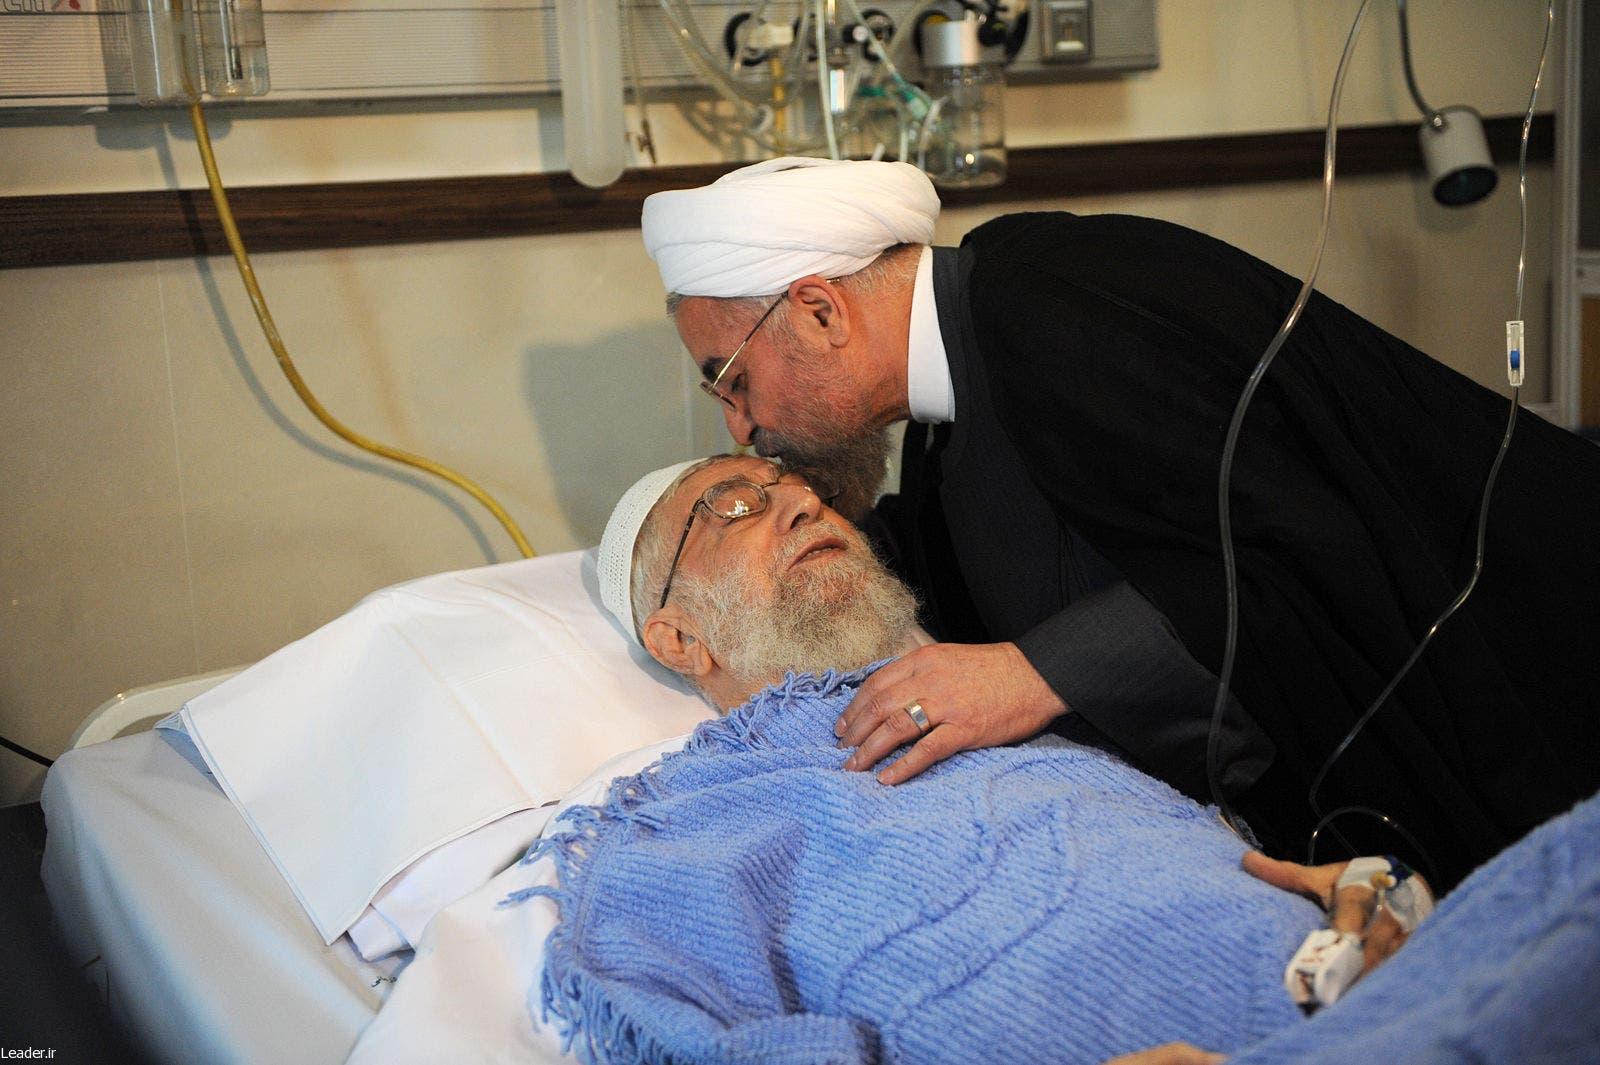 روحاني زار المرشد بعد اجراءه عملية جراحية